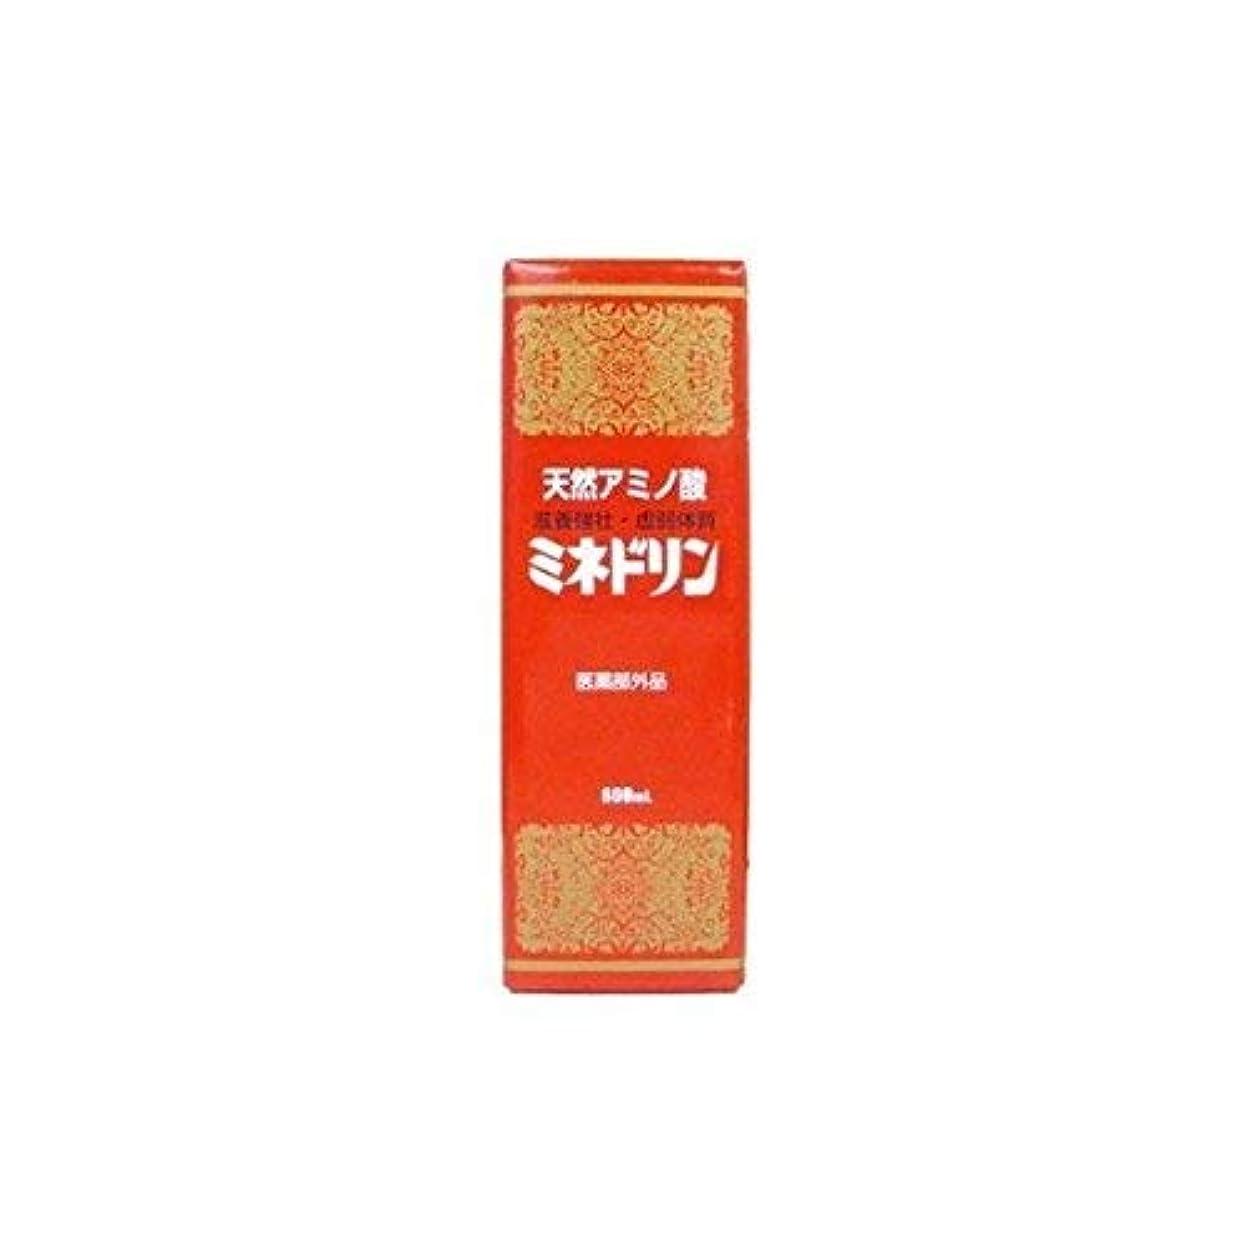 ヒステリック古代どのくらいの頻度で伊丹製薬 ミネドリン 600ml ×12本